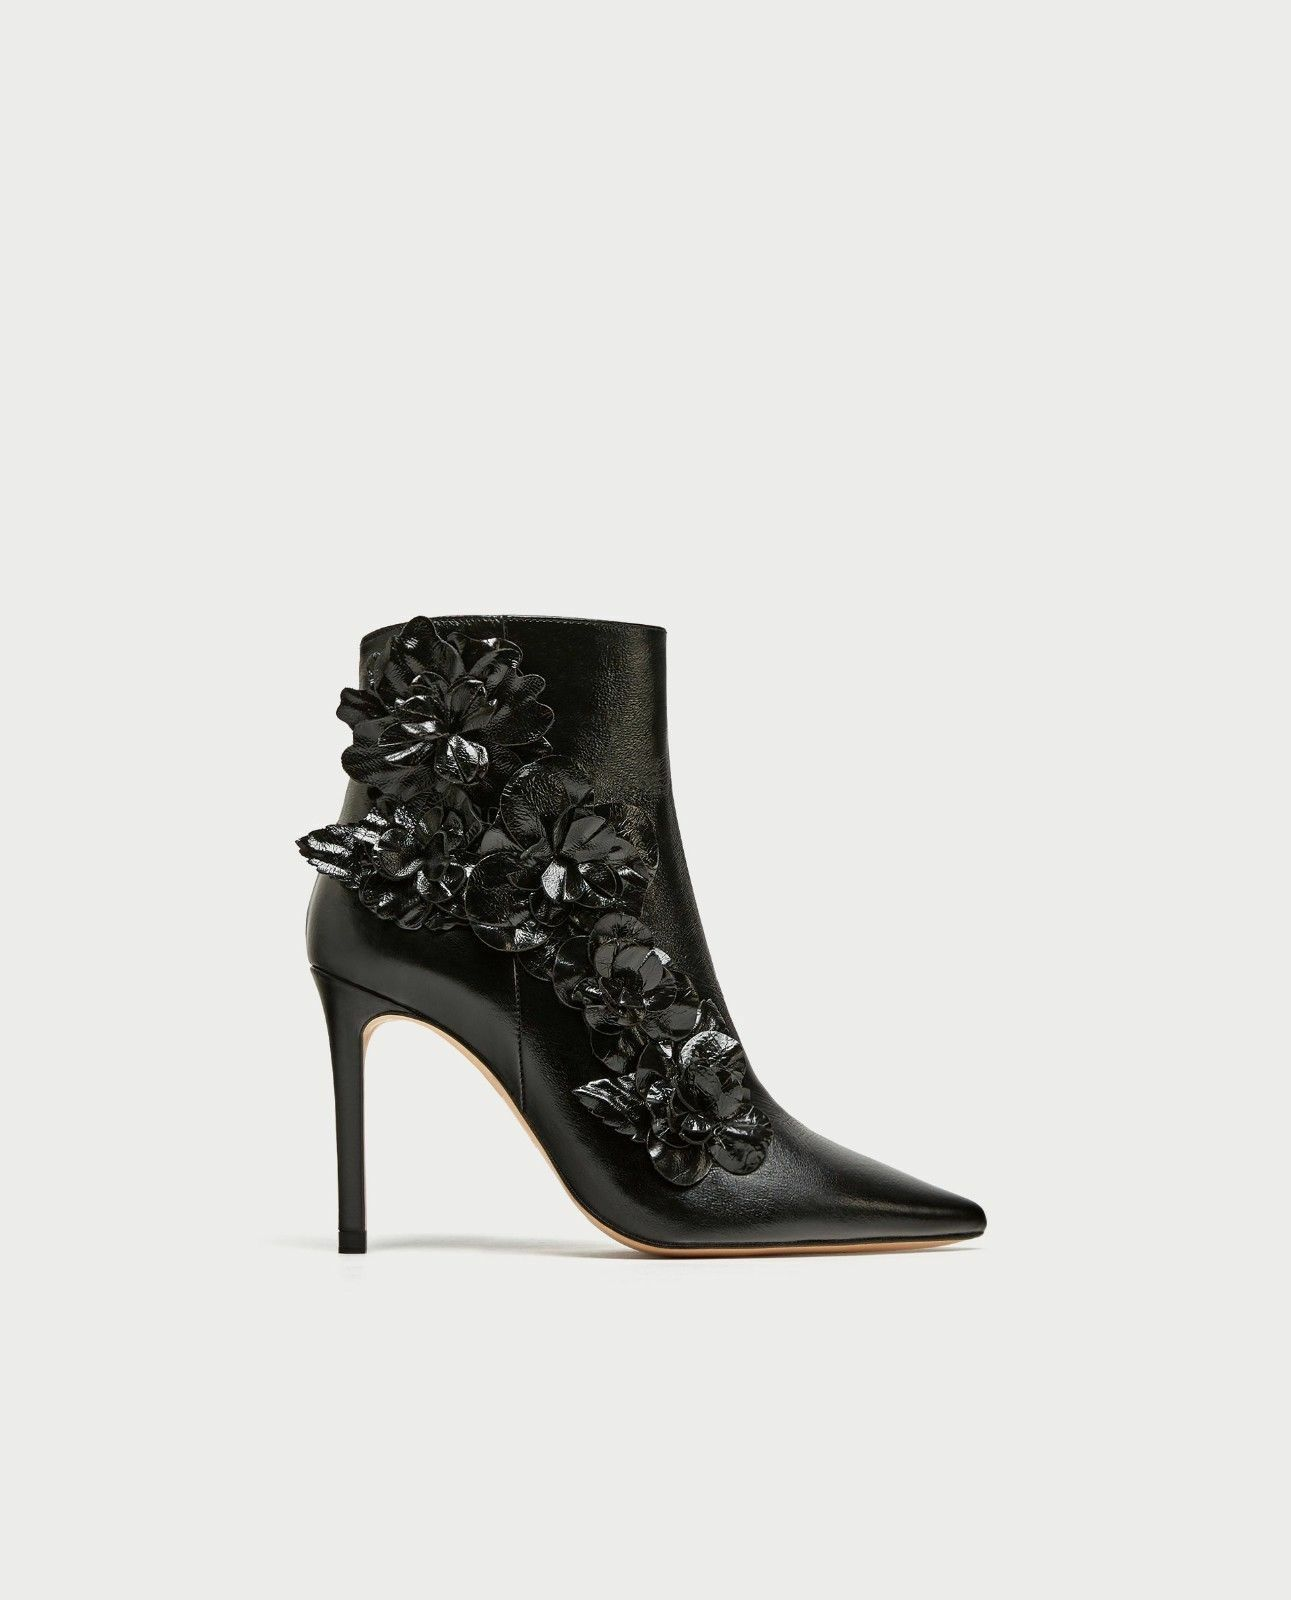 Zara Negro Cuero Tacón Alto Adornos botas al tobillo con Adornos Alto Floral 38 5 BNWT d0993e